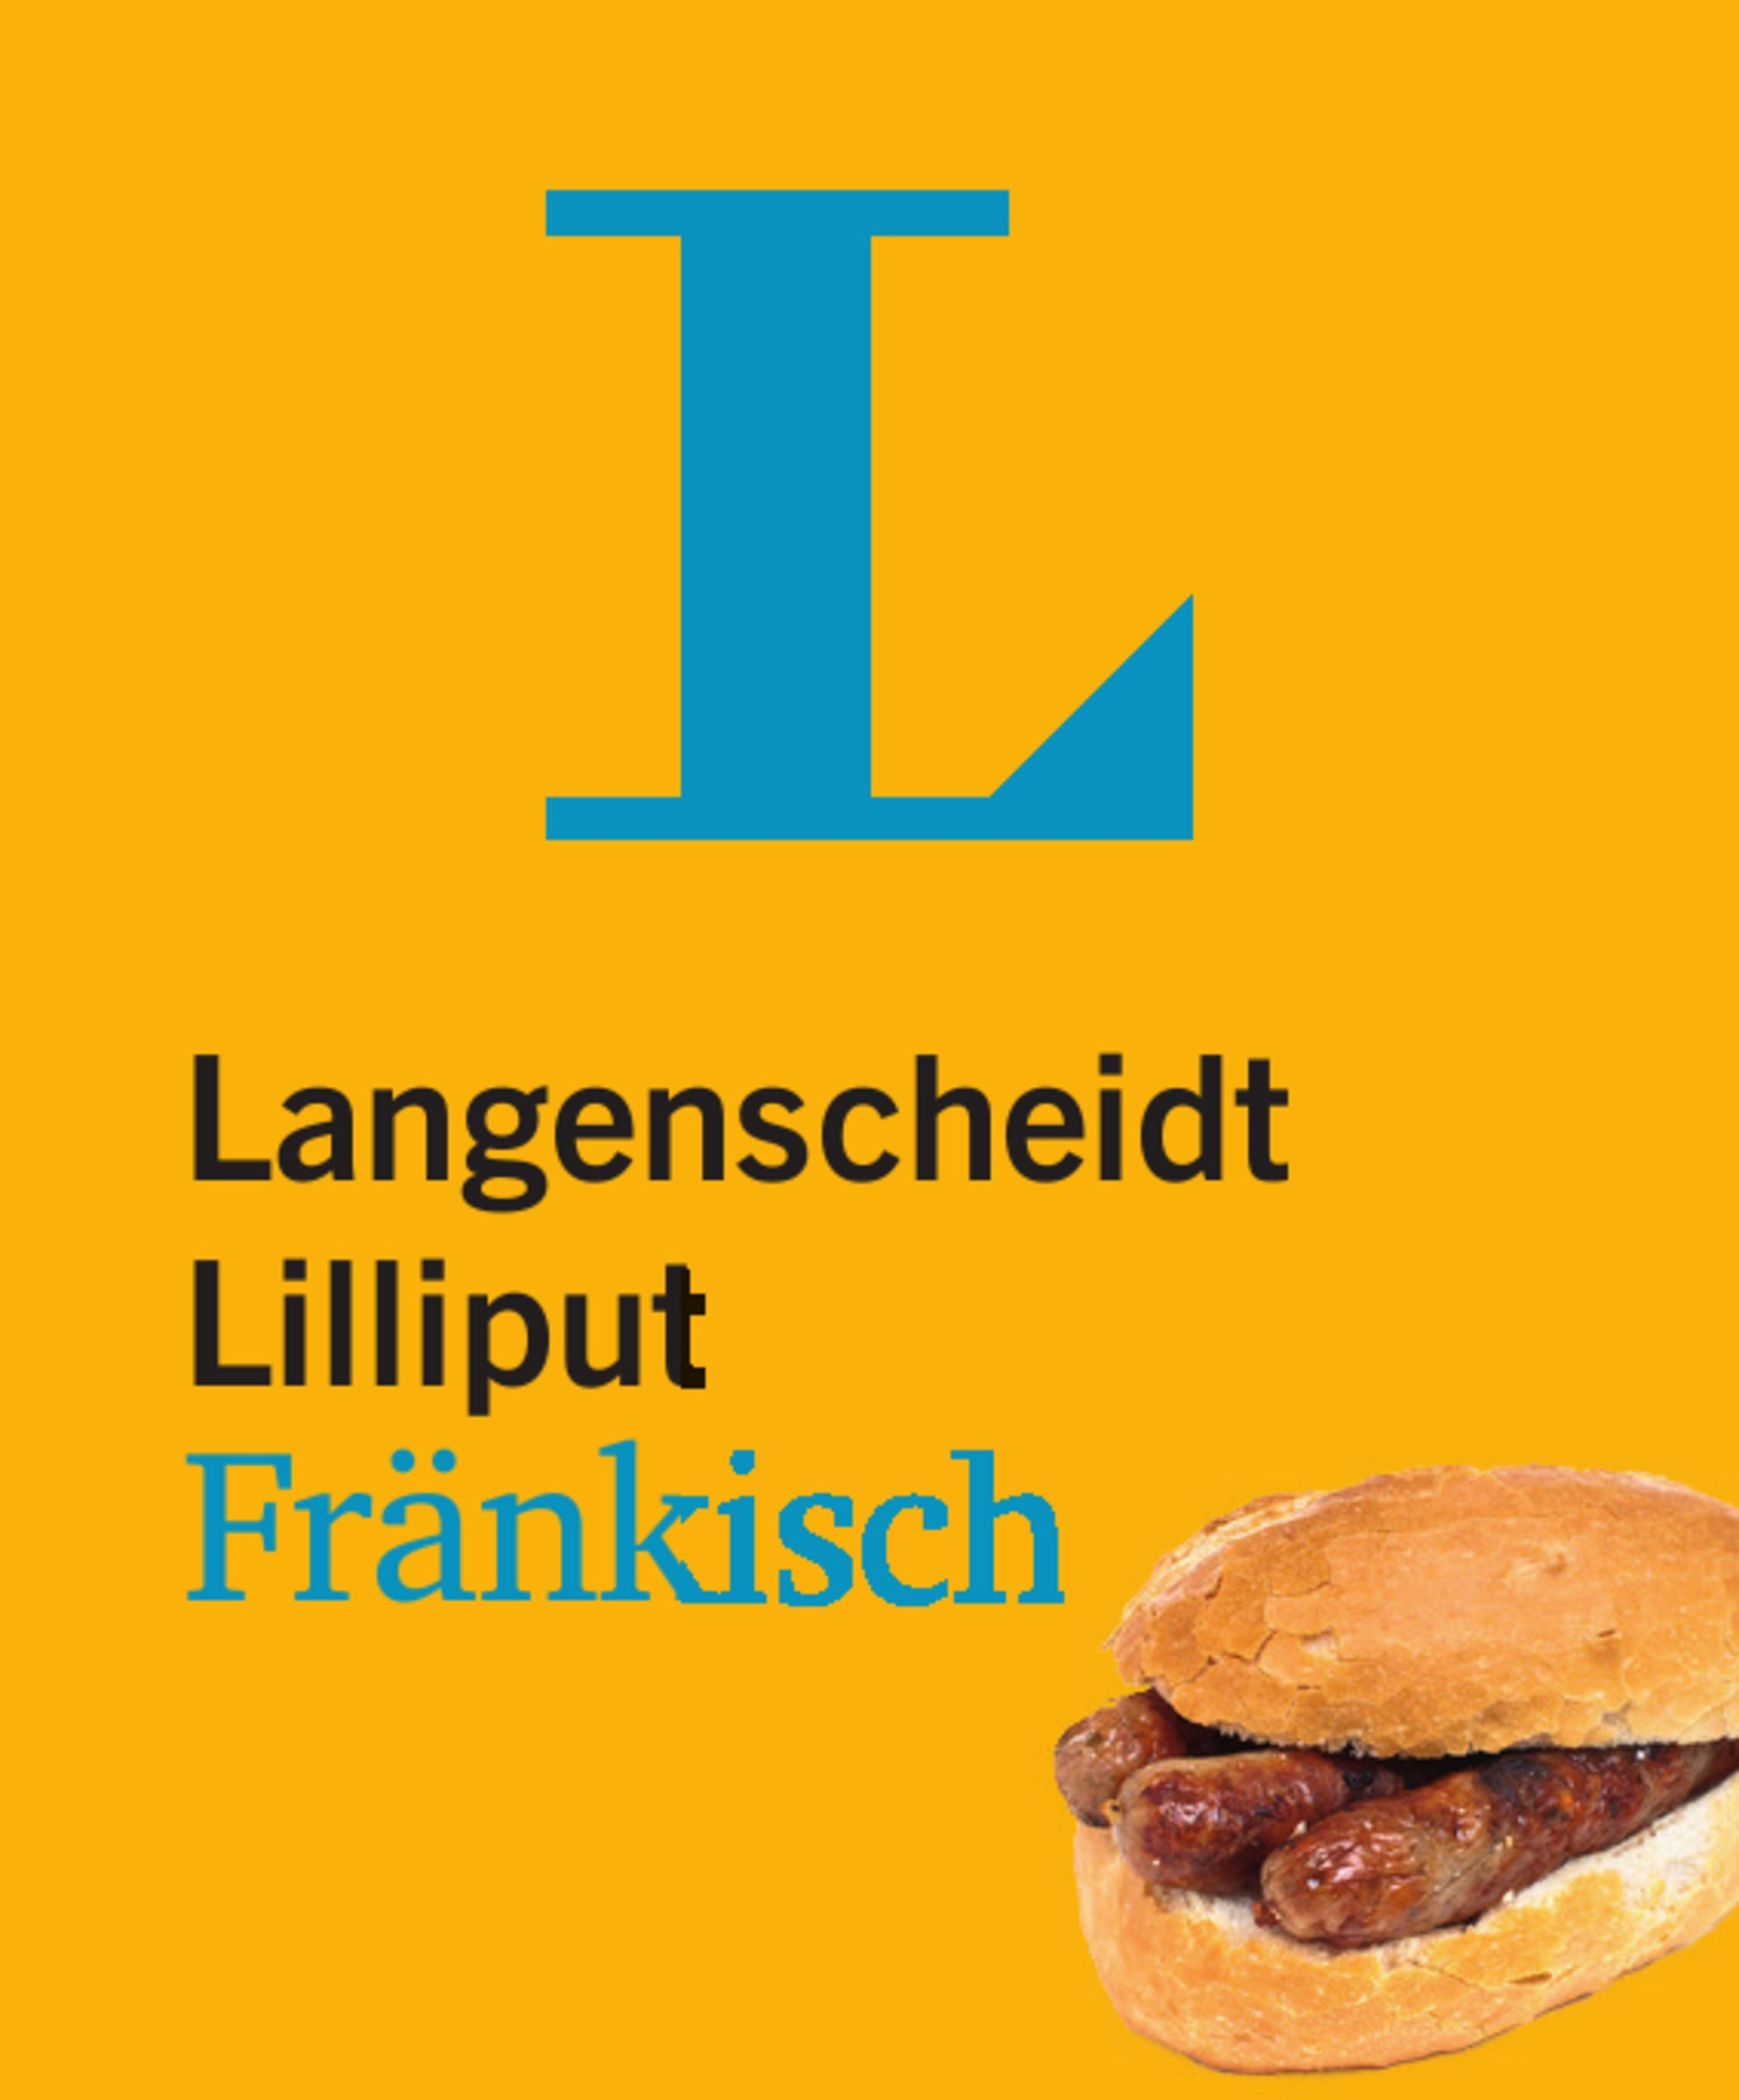 Langenscheidt Lilliput Fränkisch - im Mini-Format: Fränkisch-Hochdeutsch/Hochdeutsch-Fränkisch (Langenscheidt Dialekt-Lilliputs)